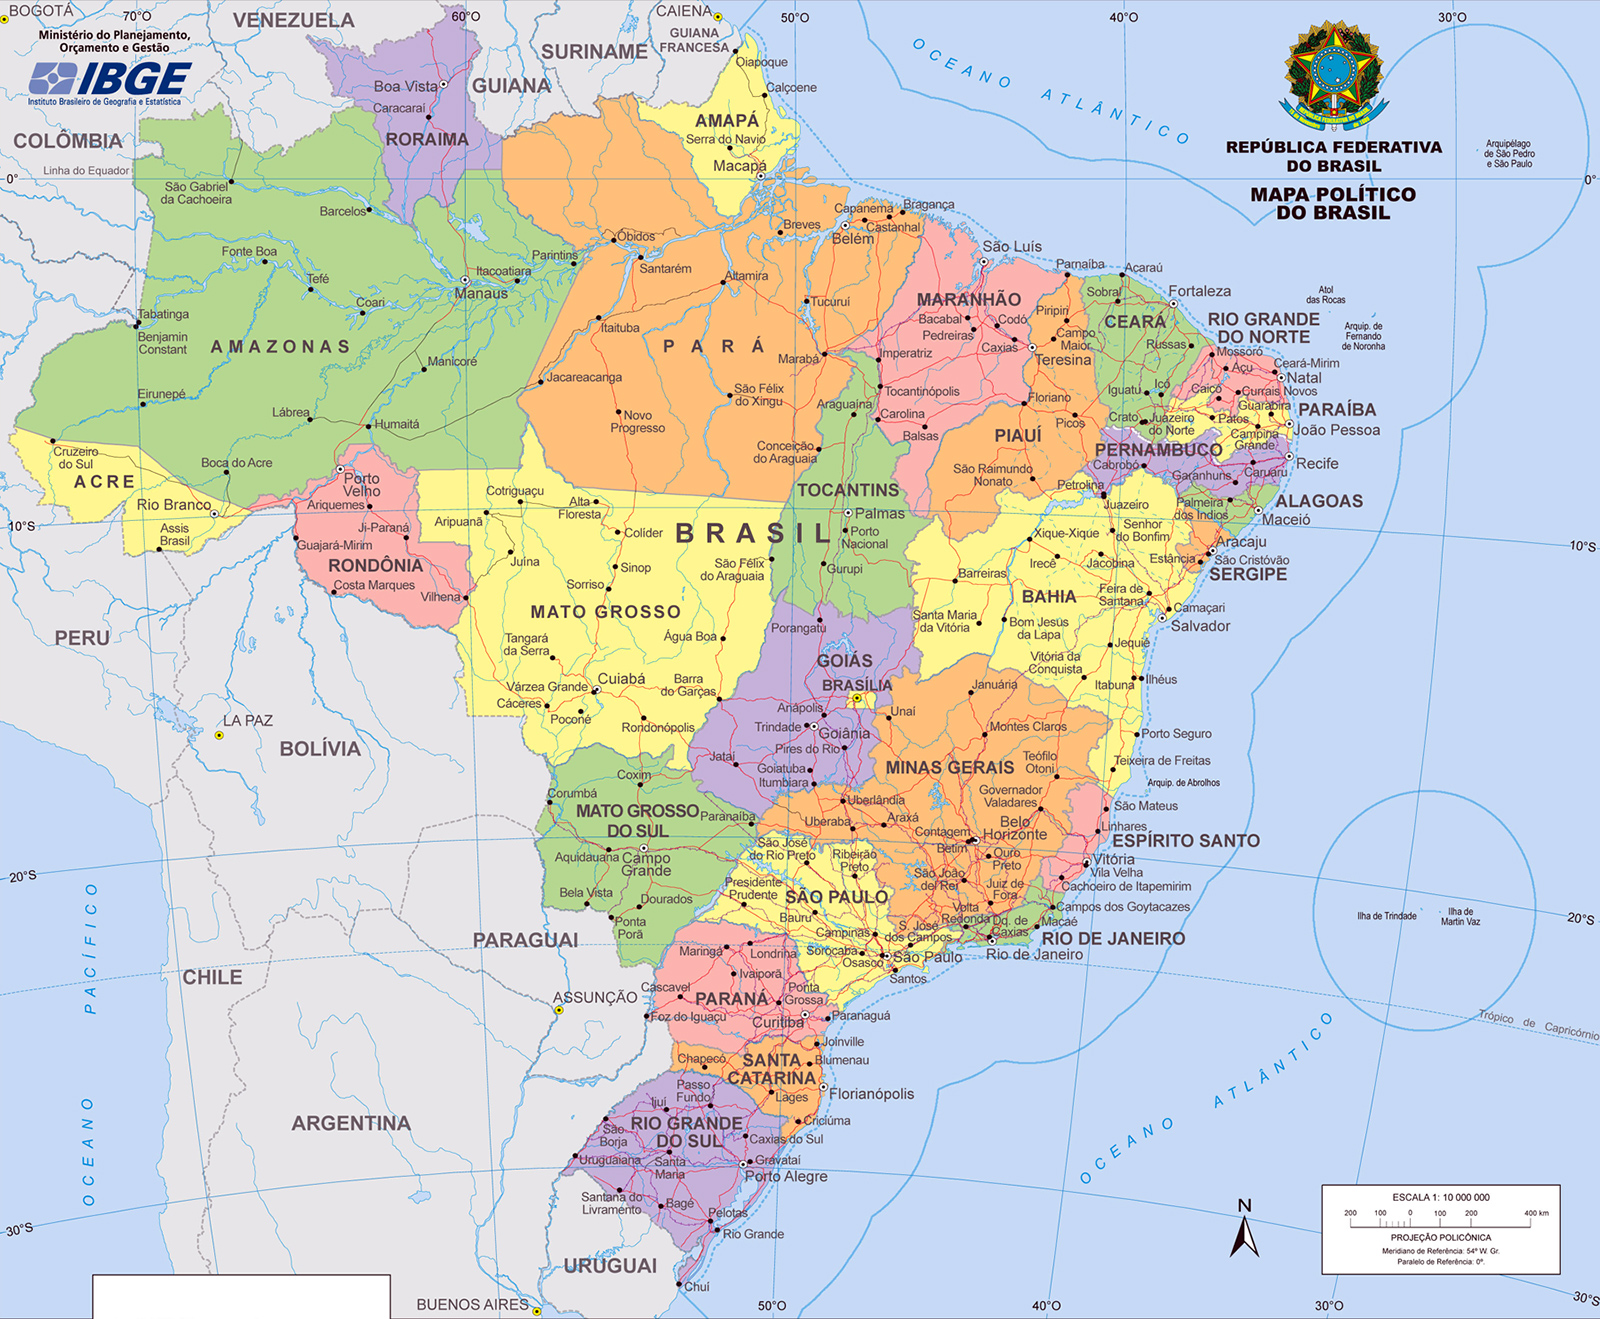 [Imagen: mapa-politico-do-brasil.jpg]